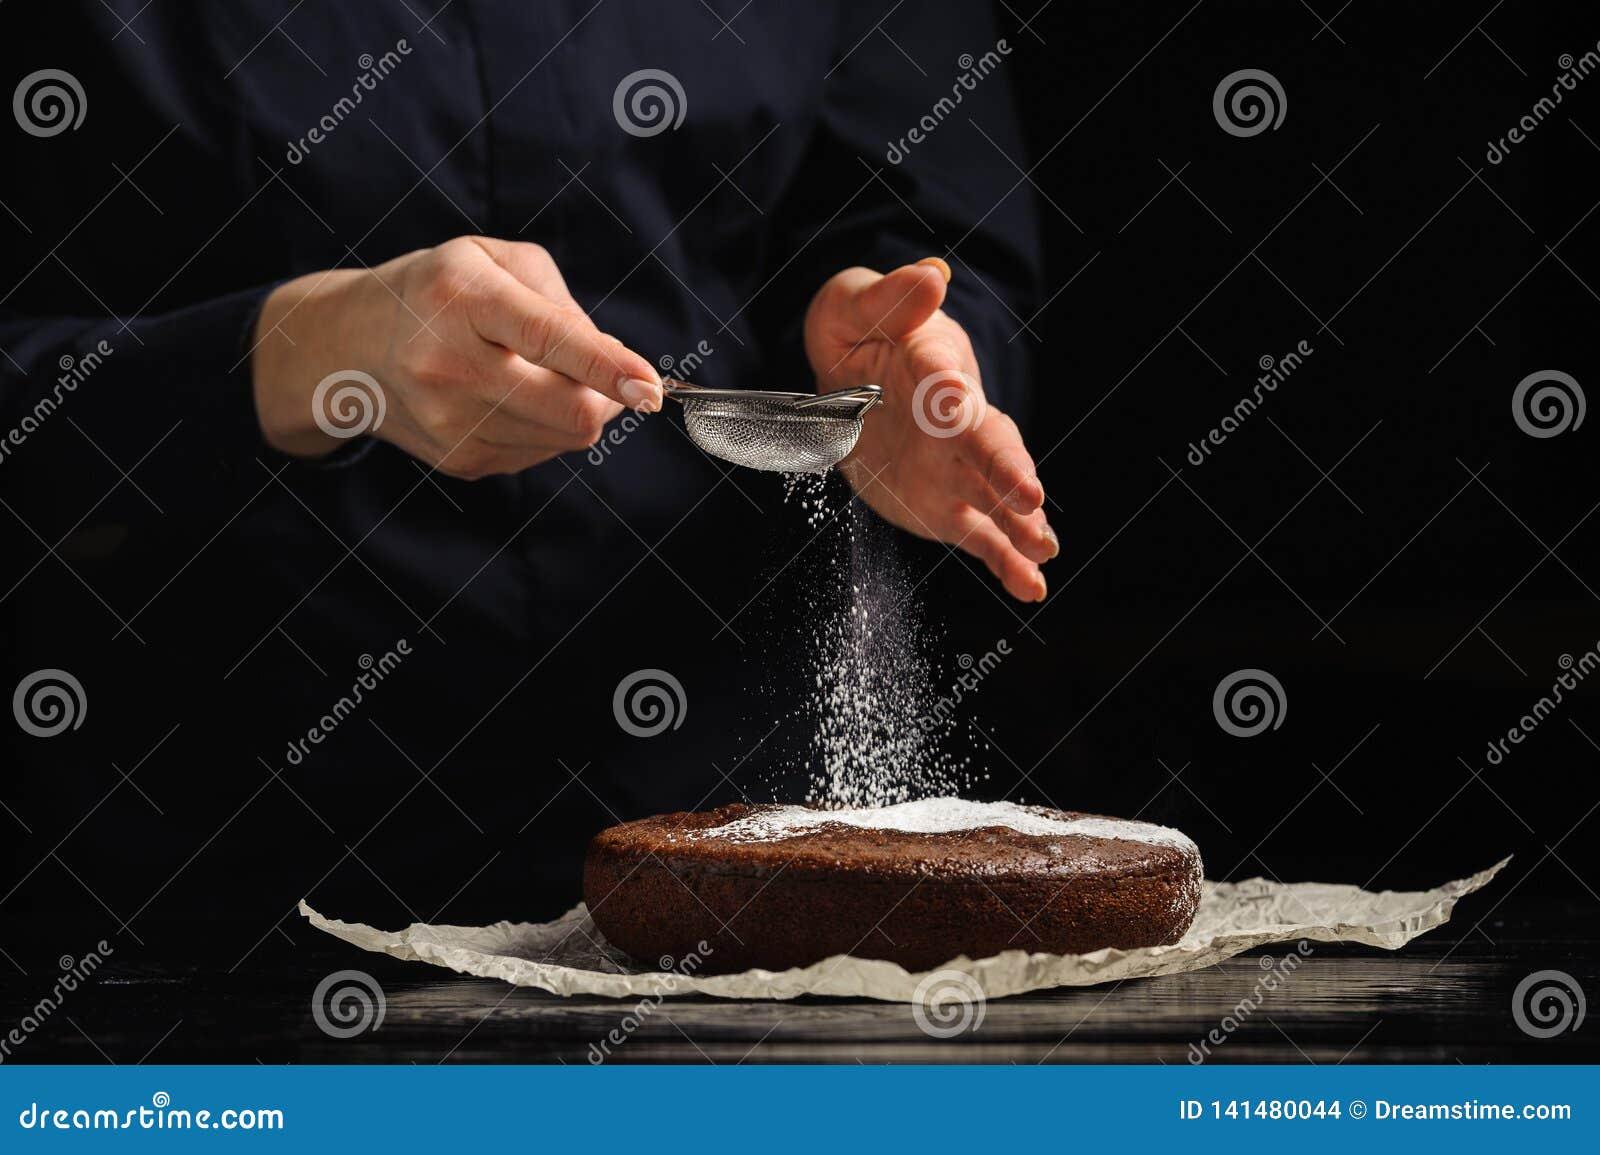 Cook kropi lodowacenie cukier na czekoladowym torcie